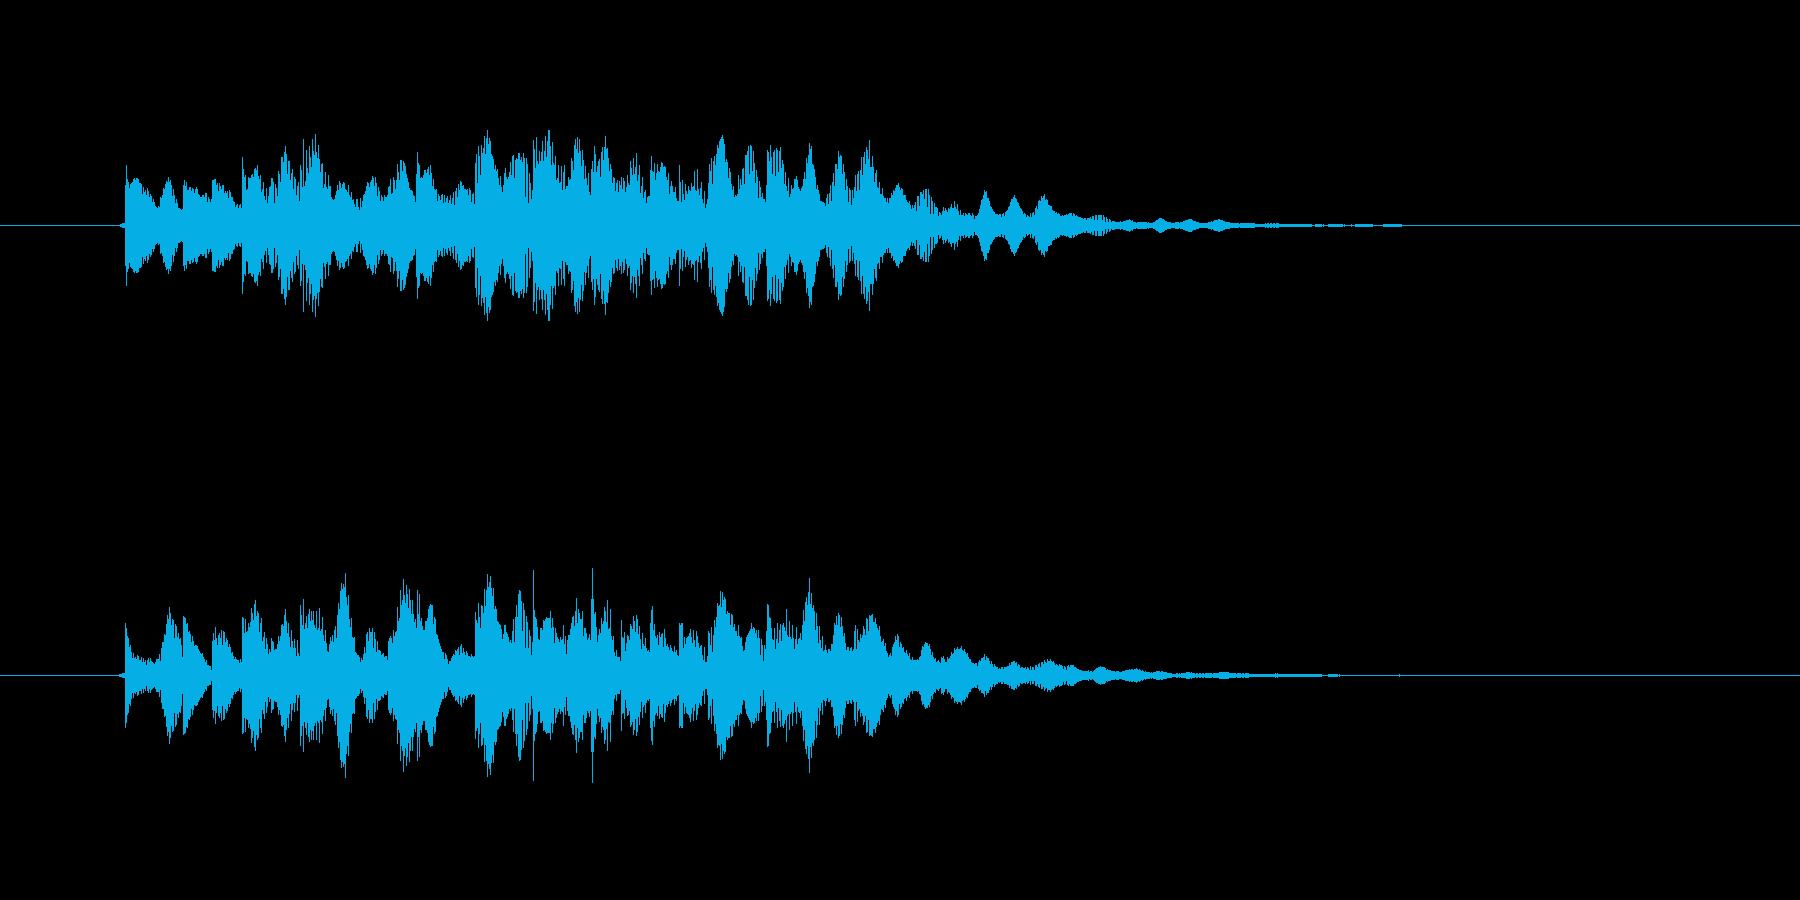 幻想的で落ち着いたリラクゼーション音楽の再生済みの波形